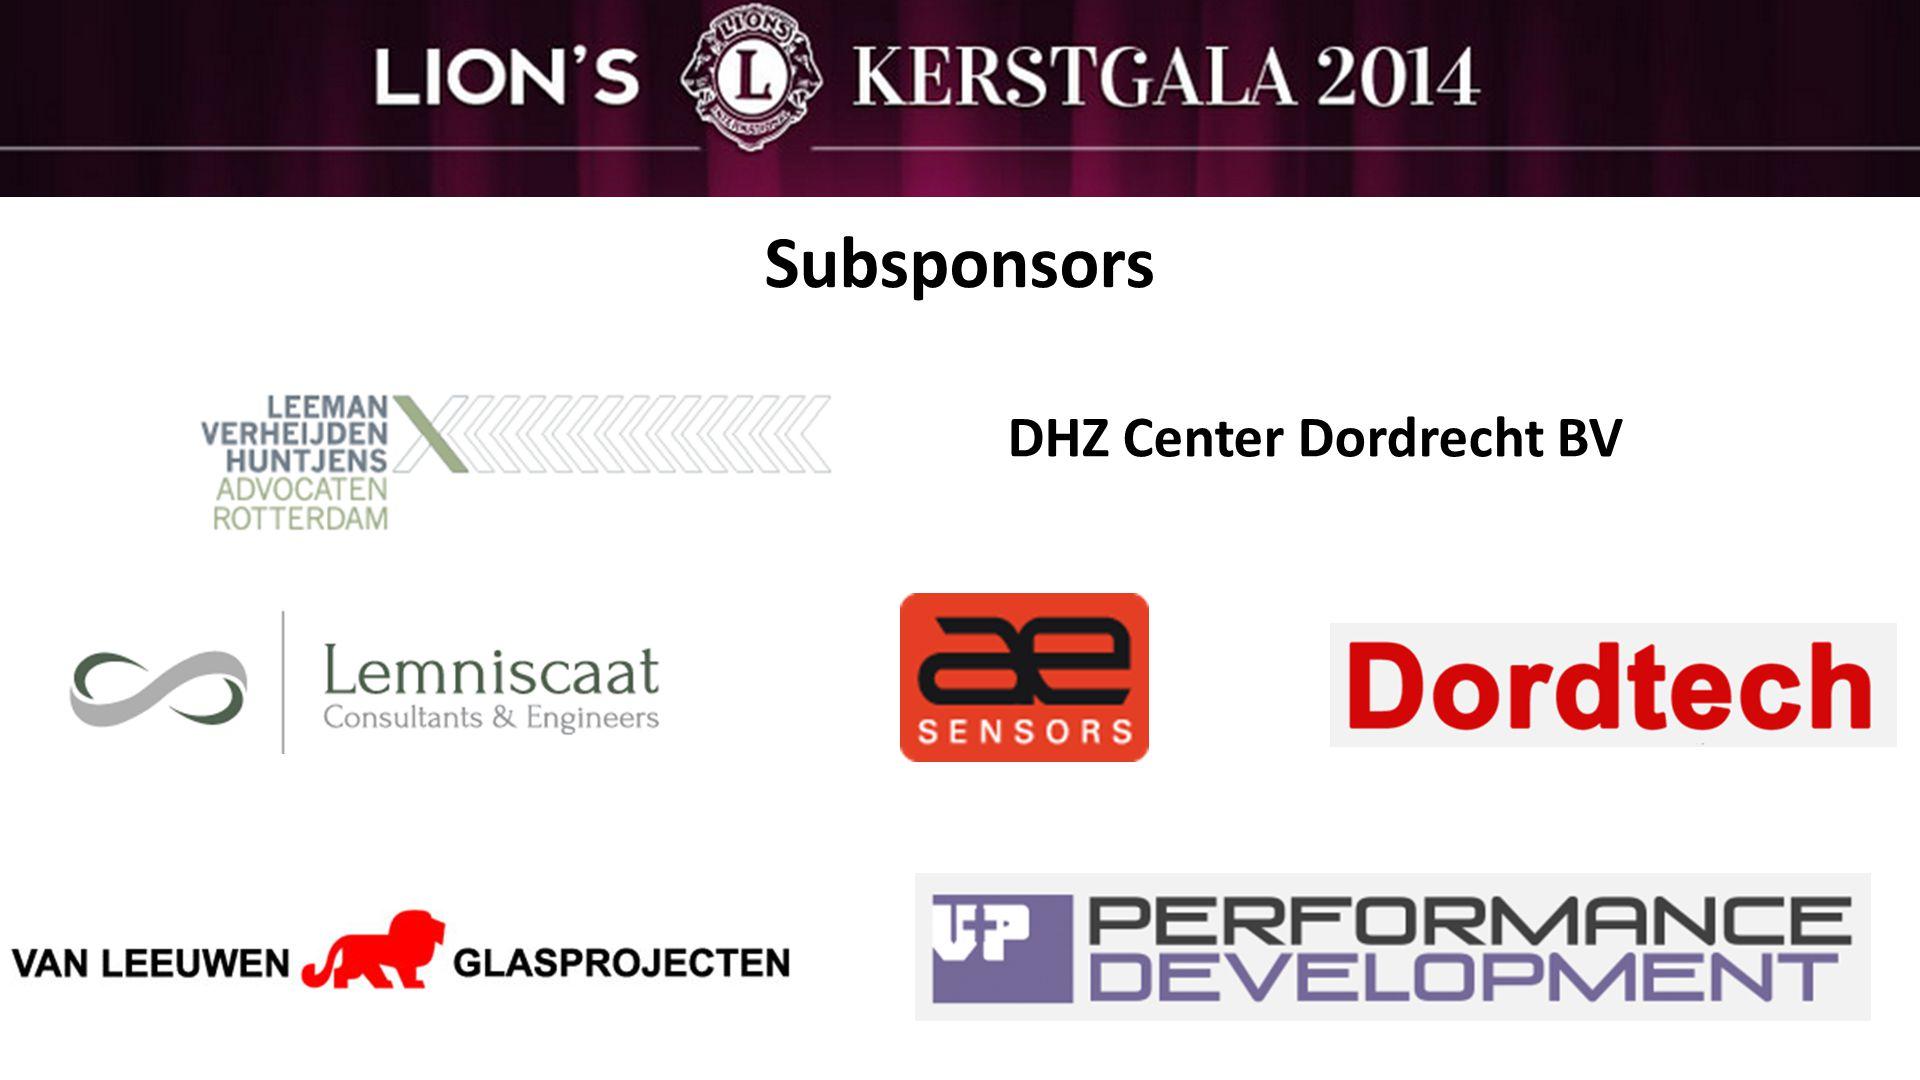 Subsponsors DHZ Center Dordrecht BV